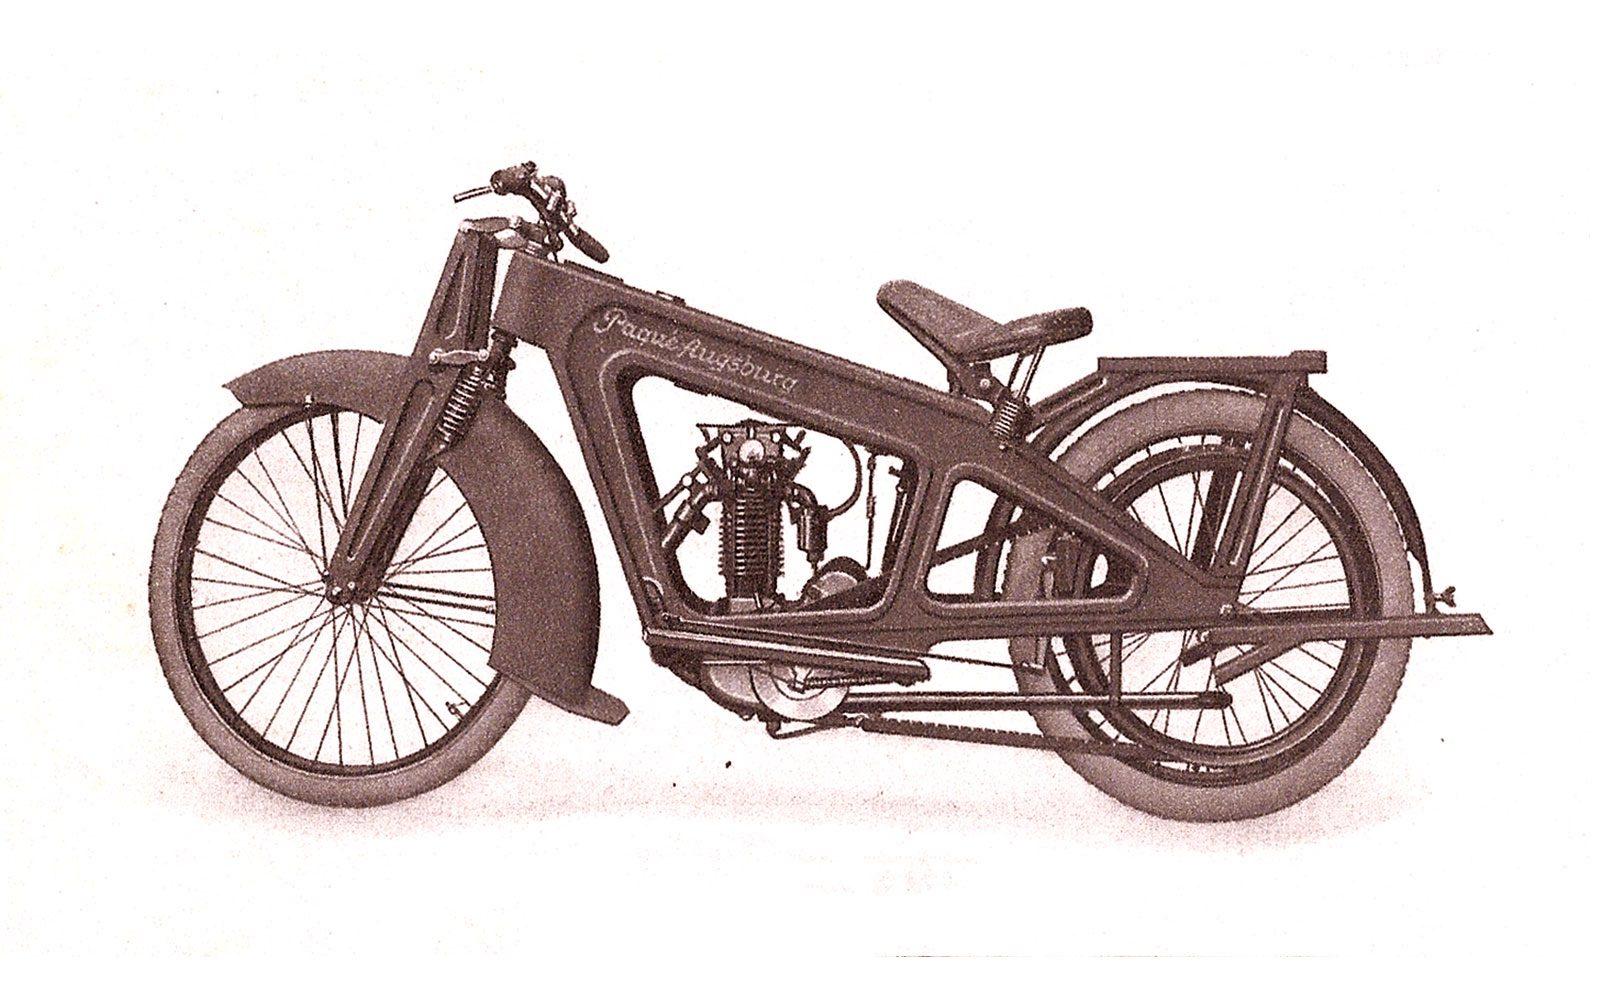 Historisches Werbebild eines Motorrades aus Augsburg